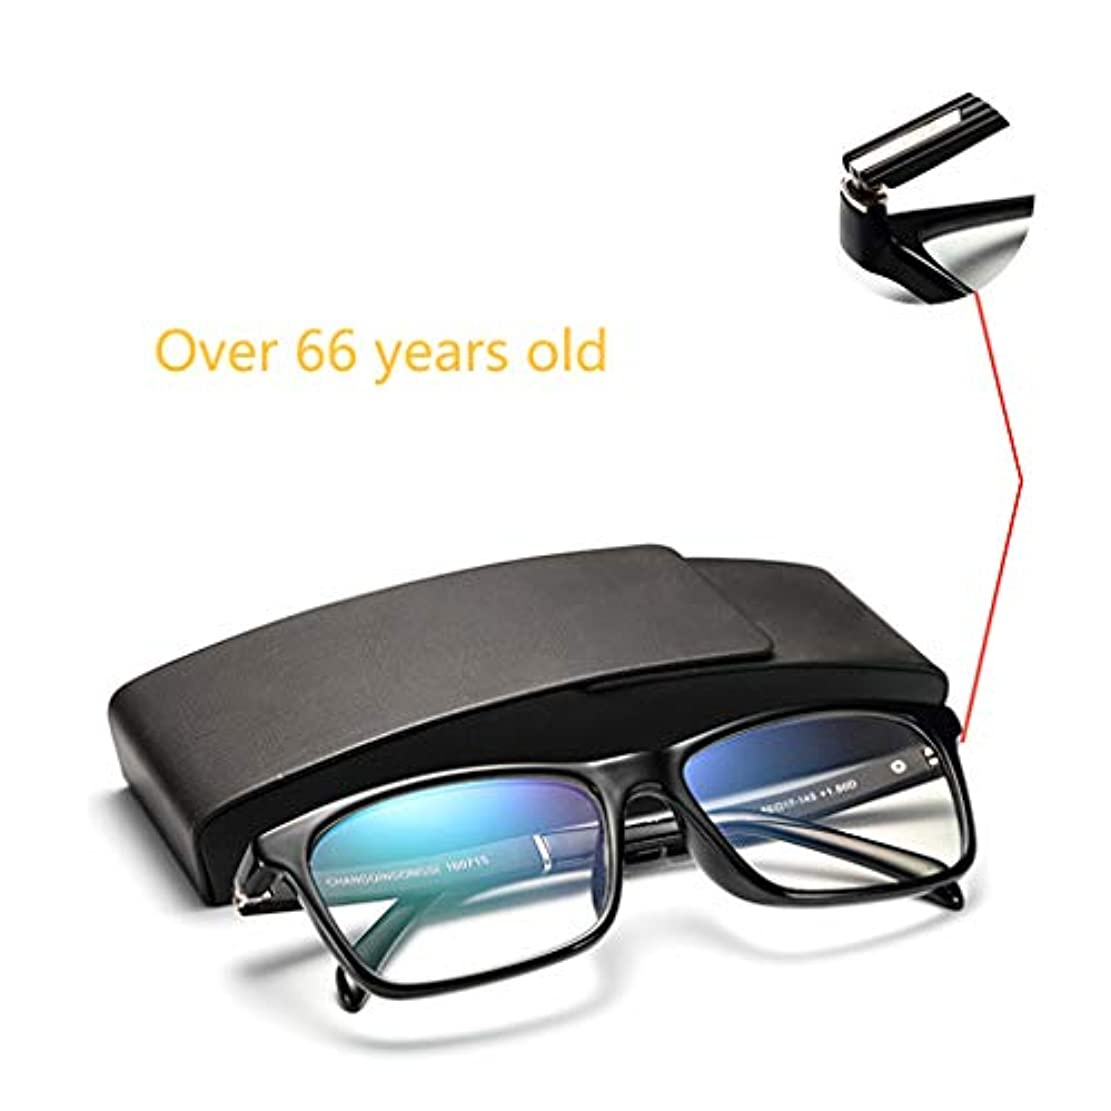 意図ダーリン補体男性と女性用の老眼鏡、TR90素材リーダー。 CR-39レンズ、フレーム断面、統合されたノーズパッド、超伸縮性と柔軟性のあるフレーム、スタイリッシュな新しいHD。